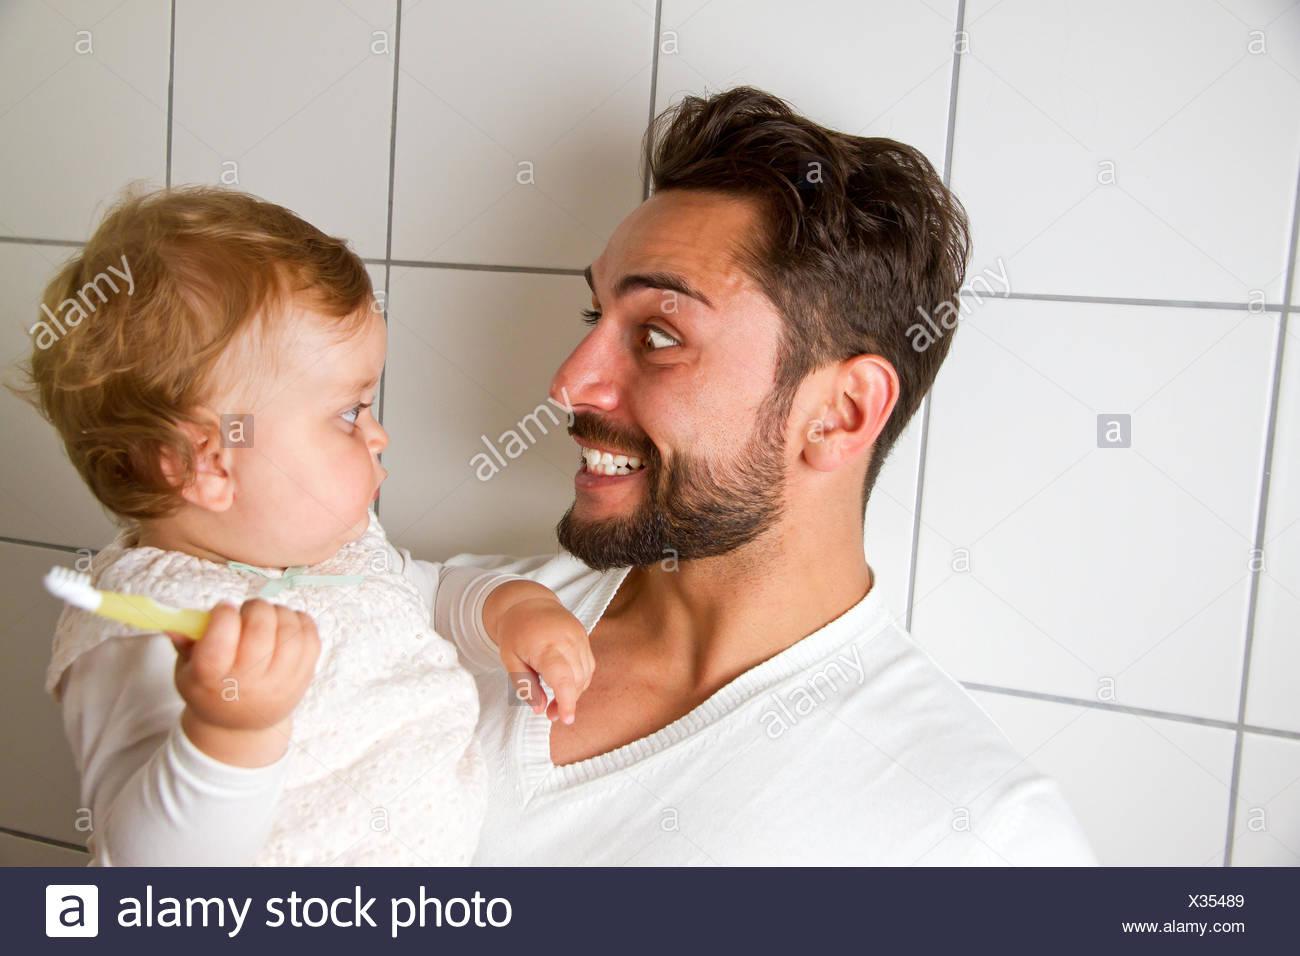 Vater Immagini & Vater Fotos Stock - Alamy